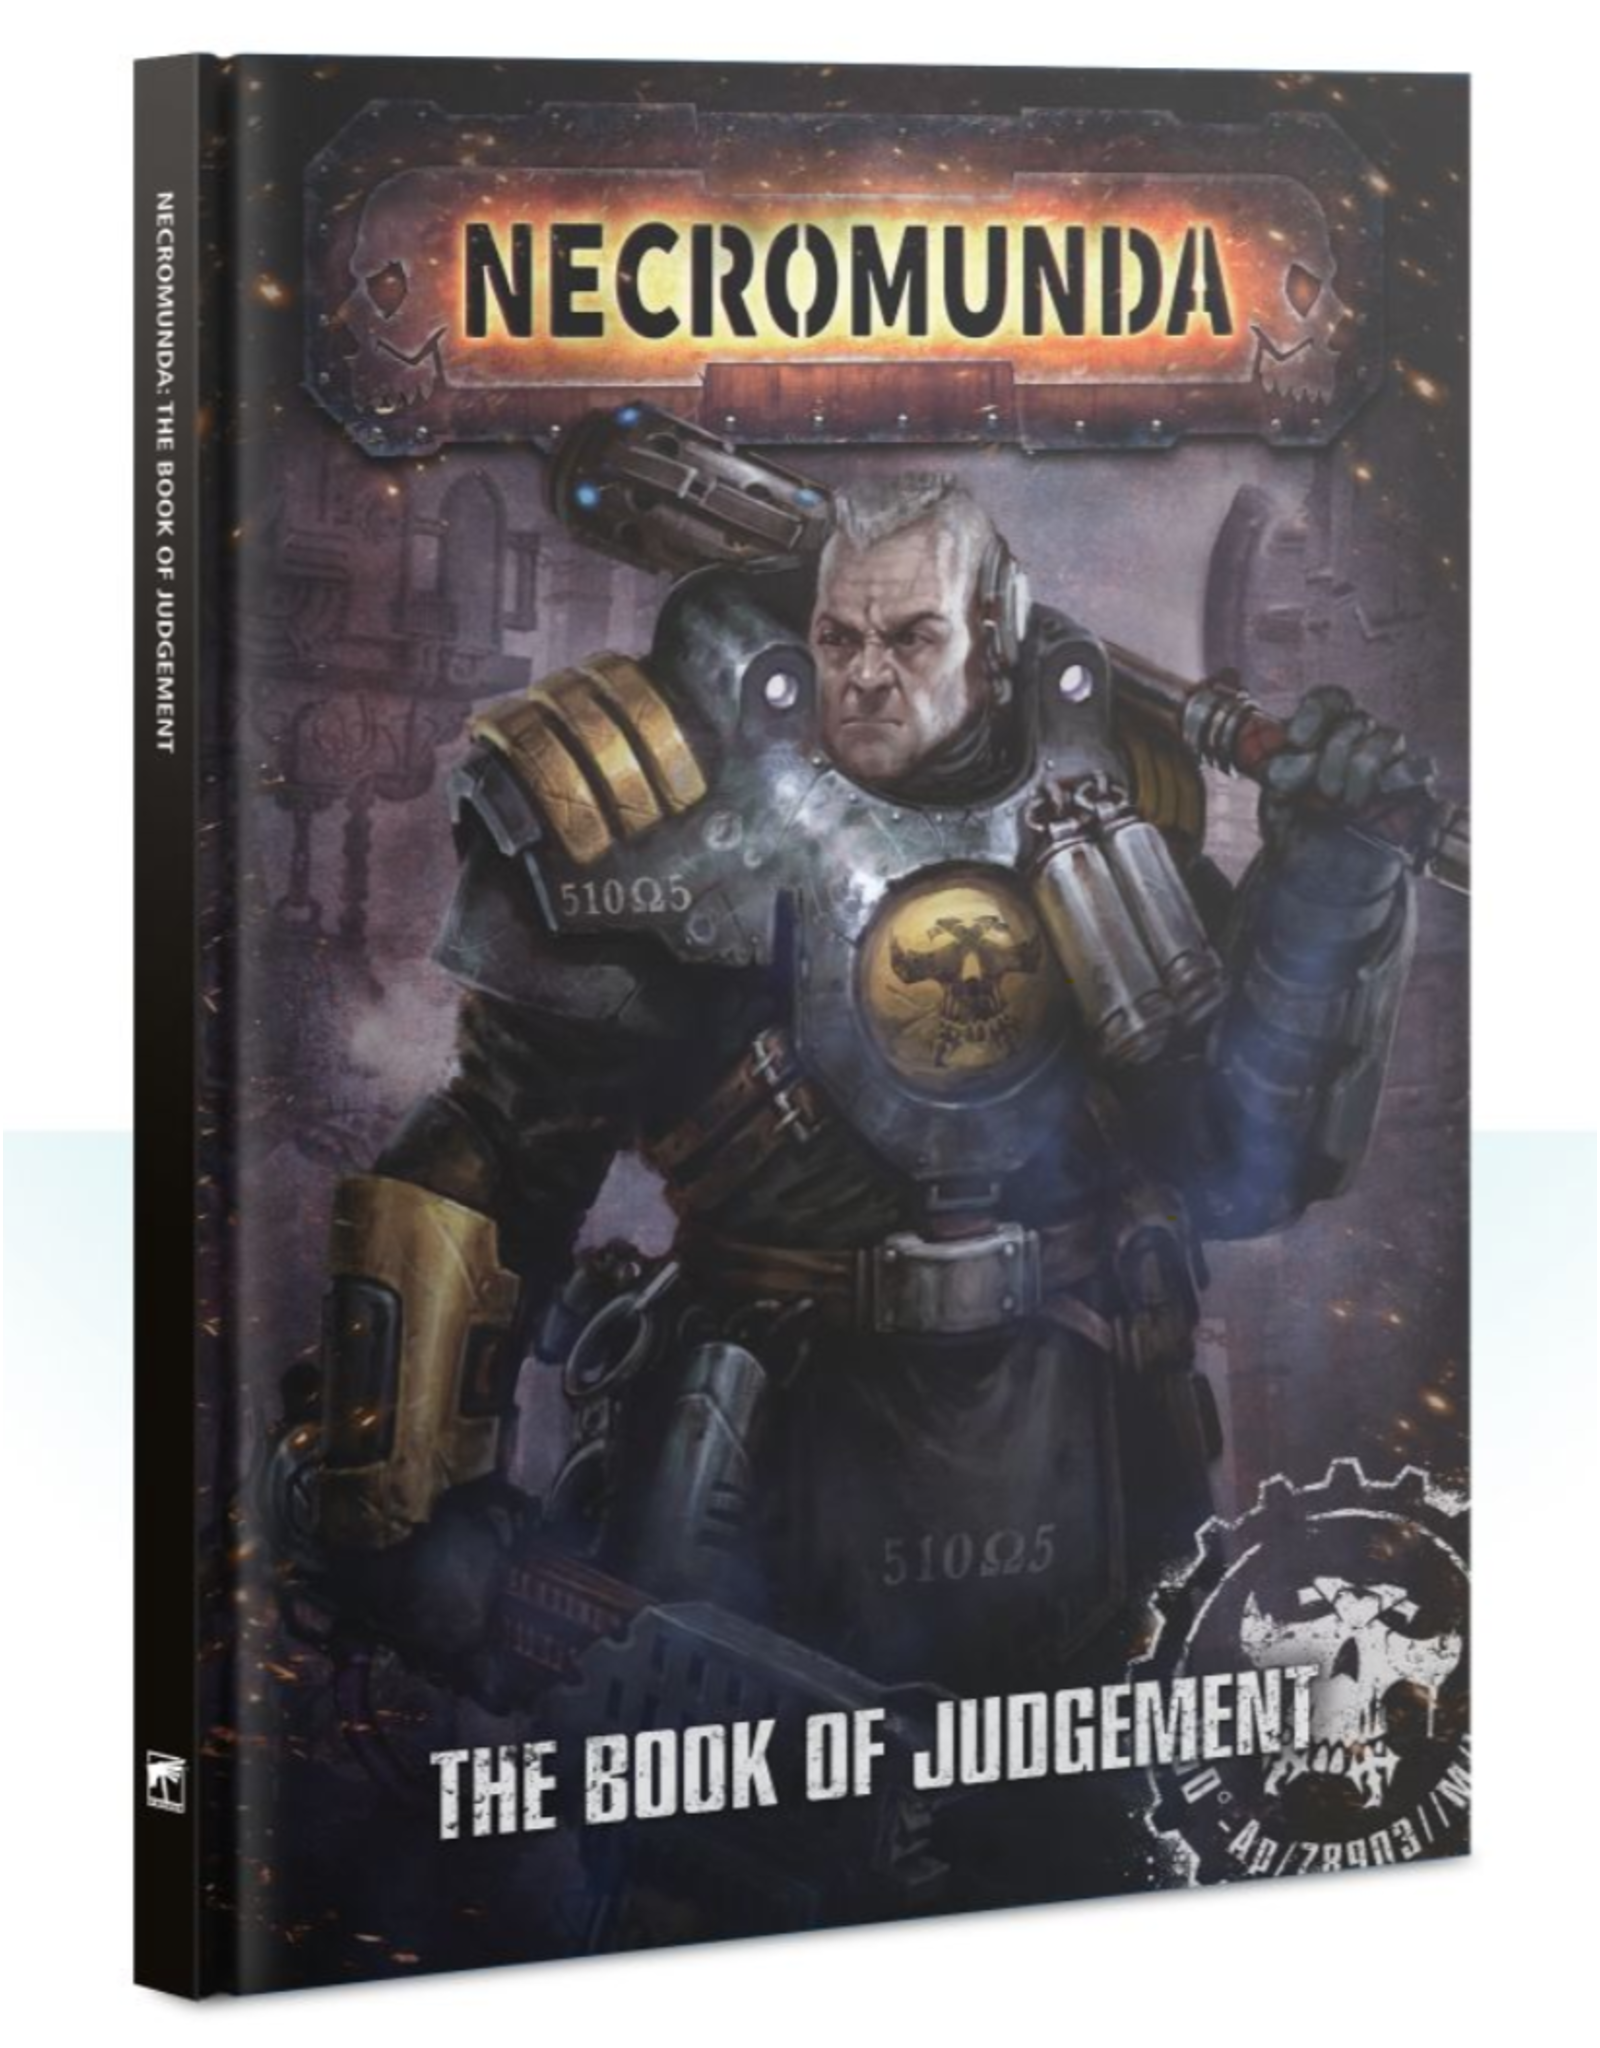 Necromunda Necromunda: The Book of Judgement